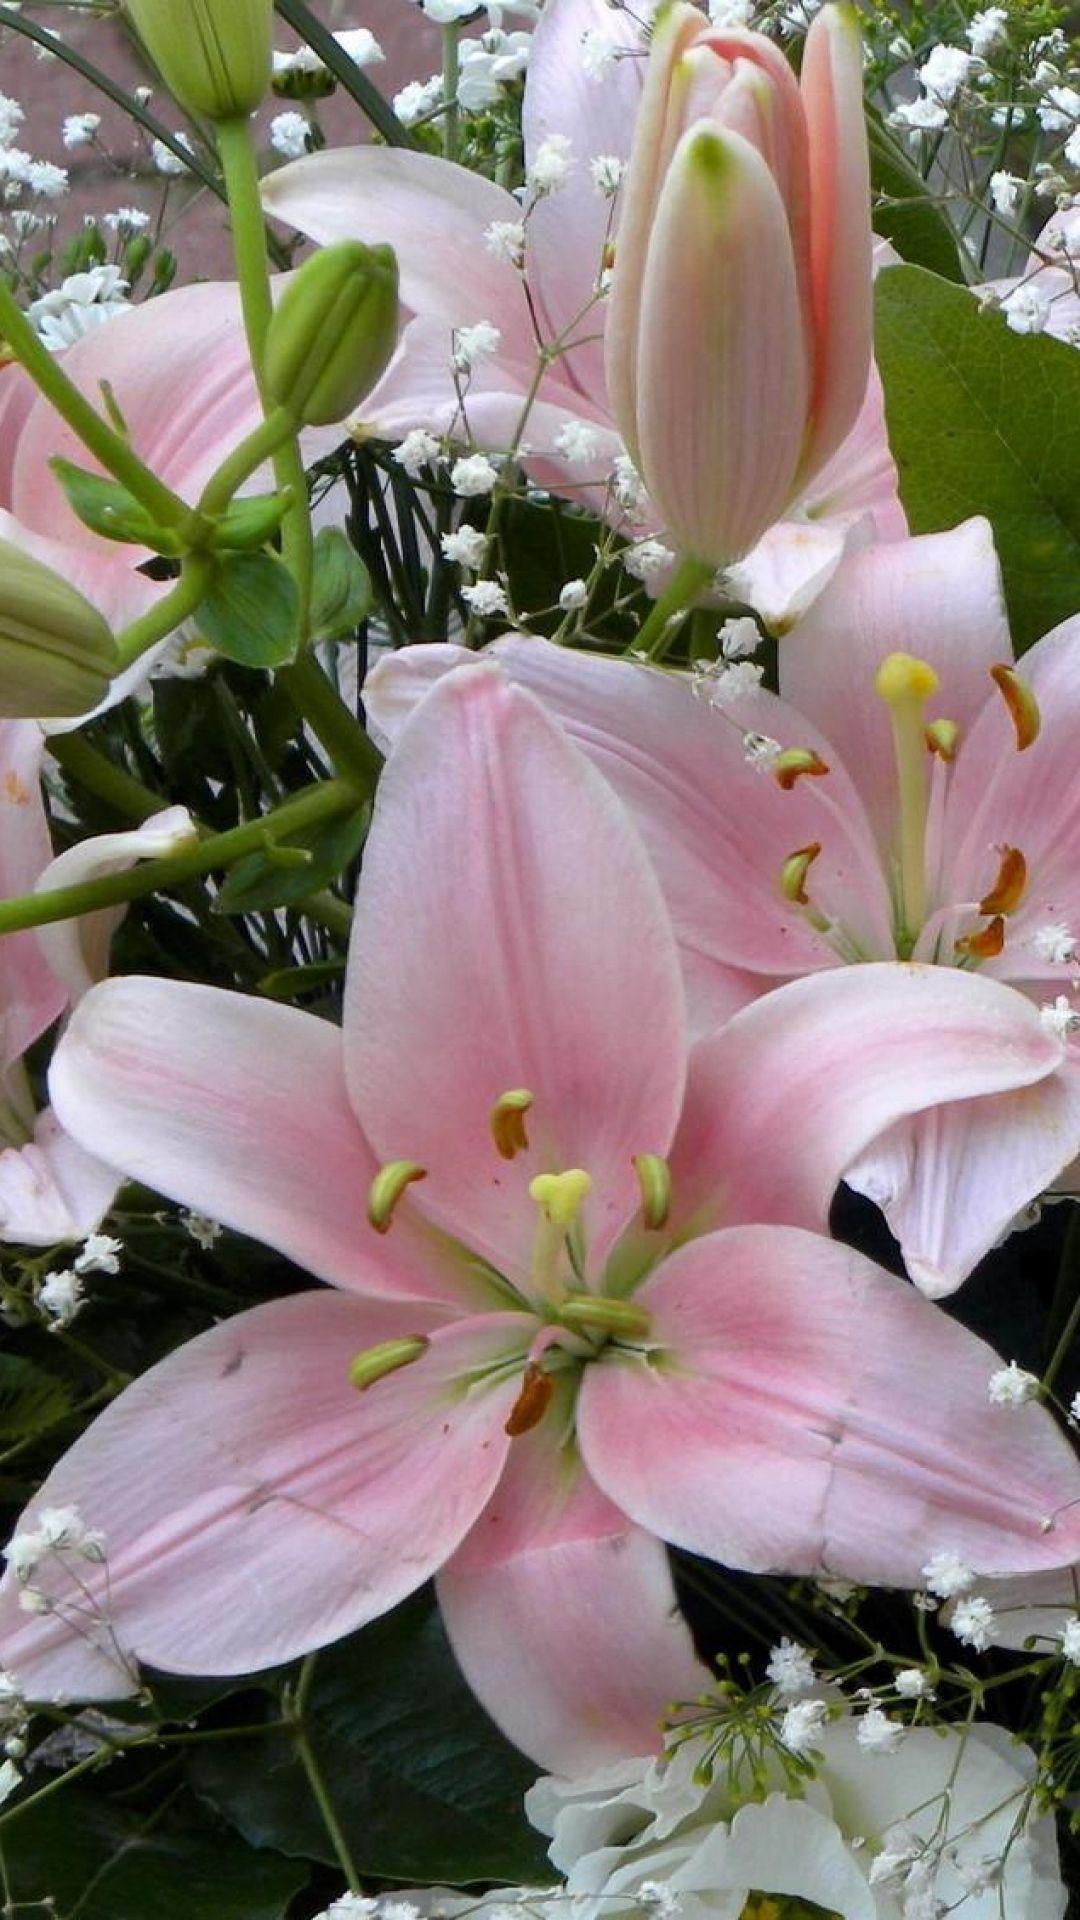 Lilies flowers gypsophila bouquet buds giardinaggio